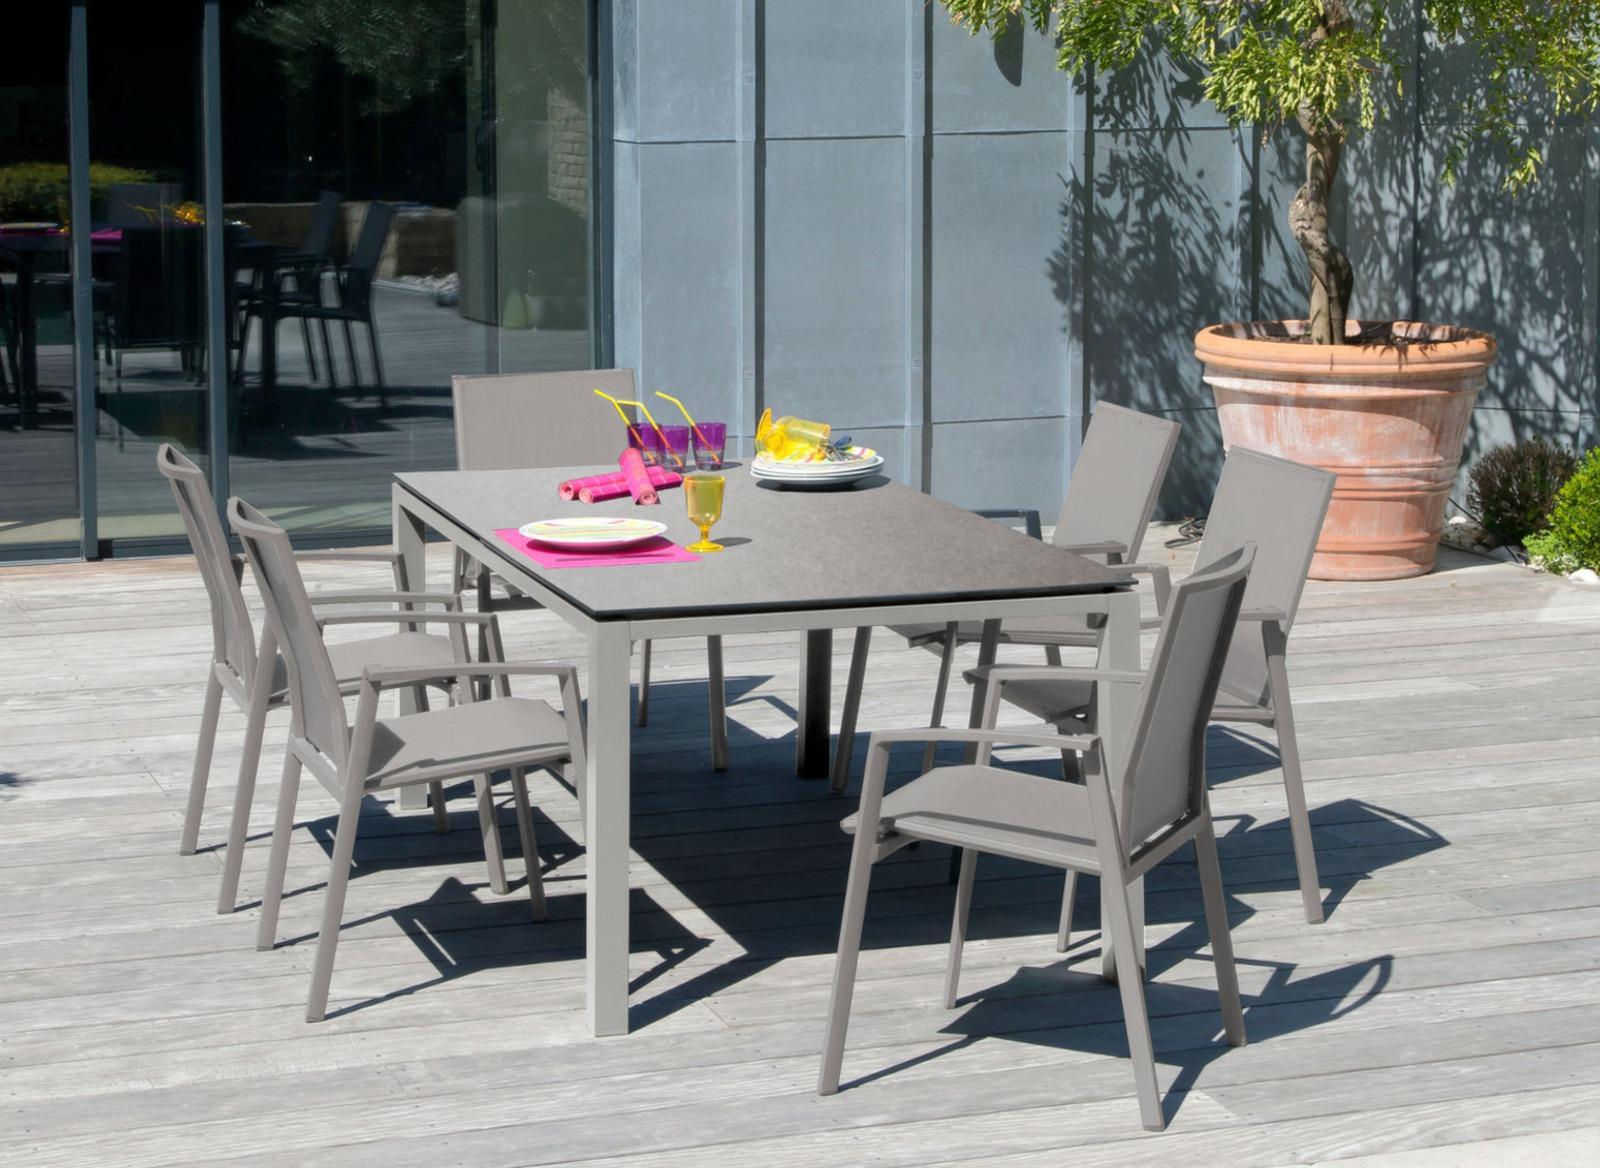 Table Stoneo 180 Cm Plateau Trespa® pour Table De Jardin Aluminium Jardiland